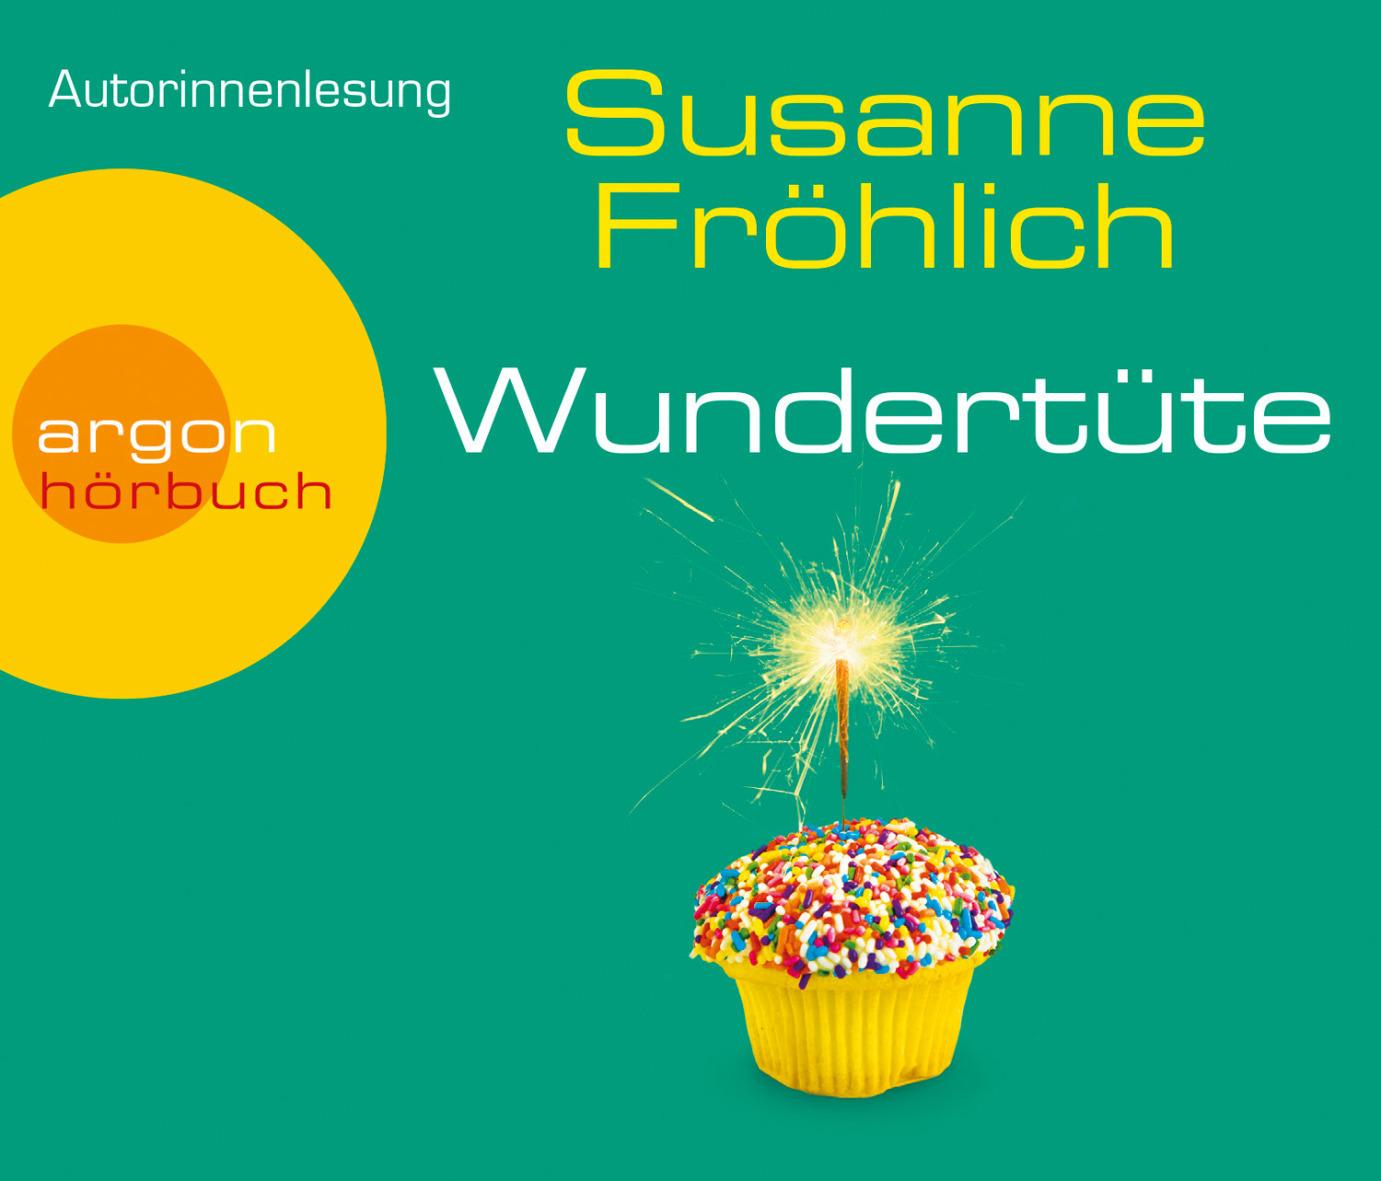 Wundertüte - Susanne Fröhlich [4 Audio CDs]